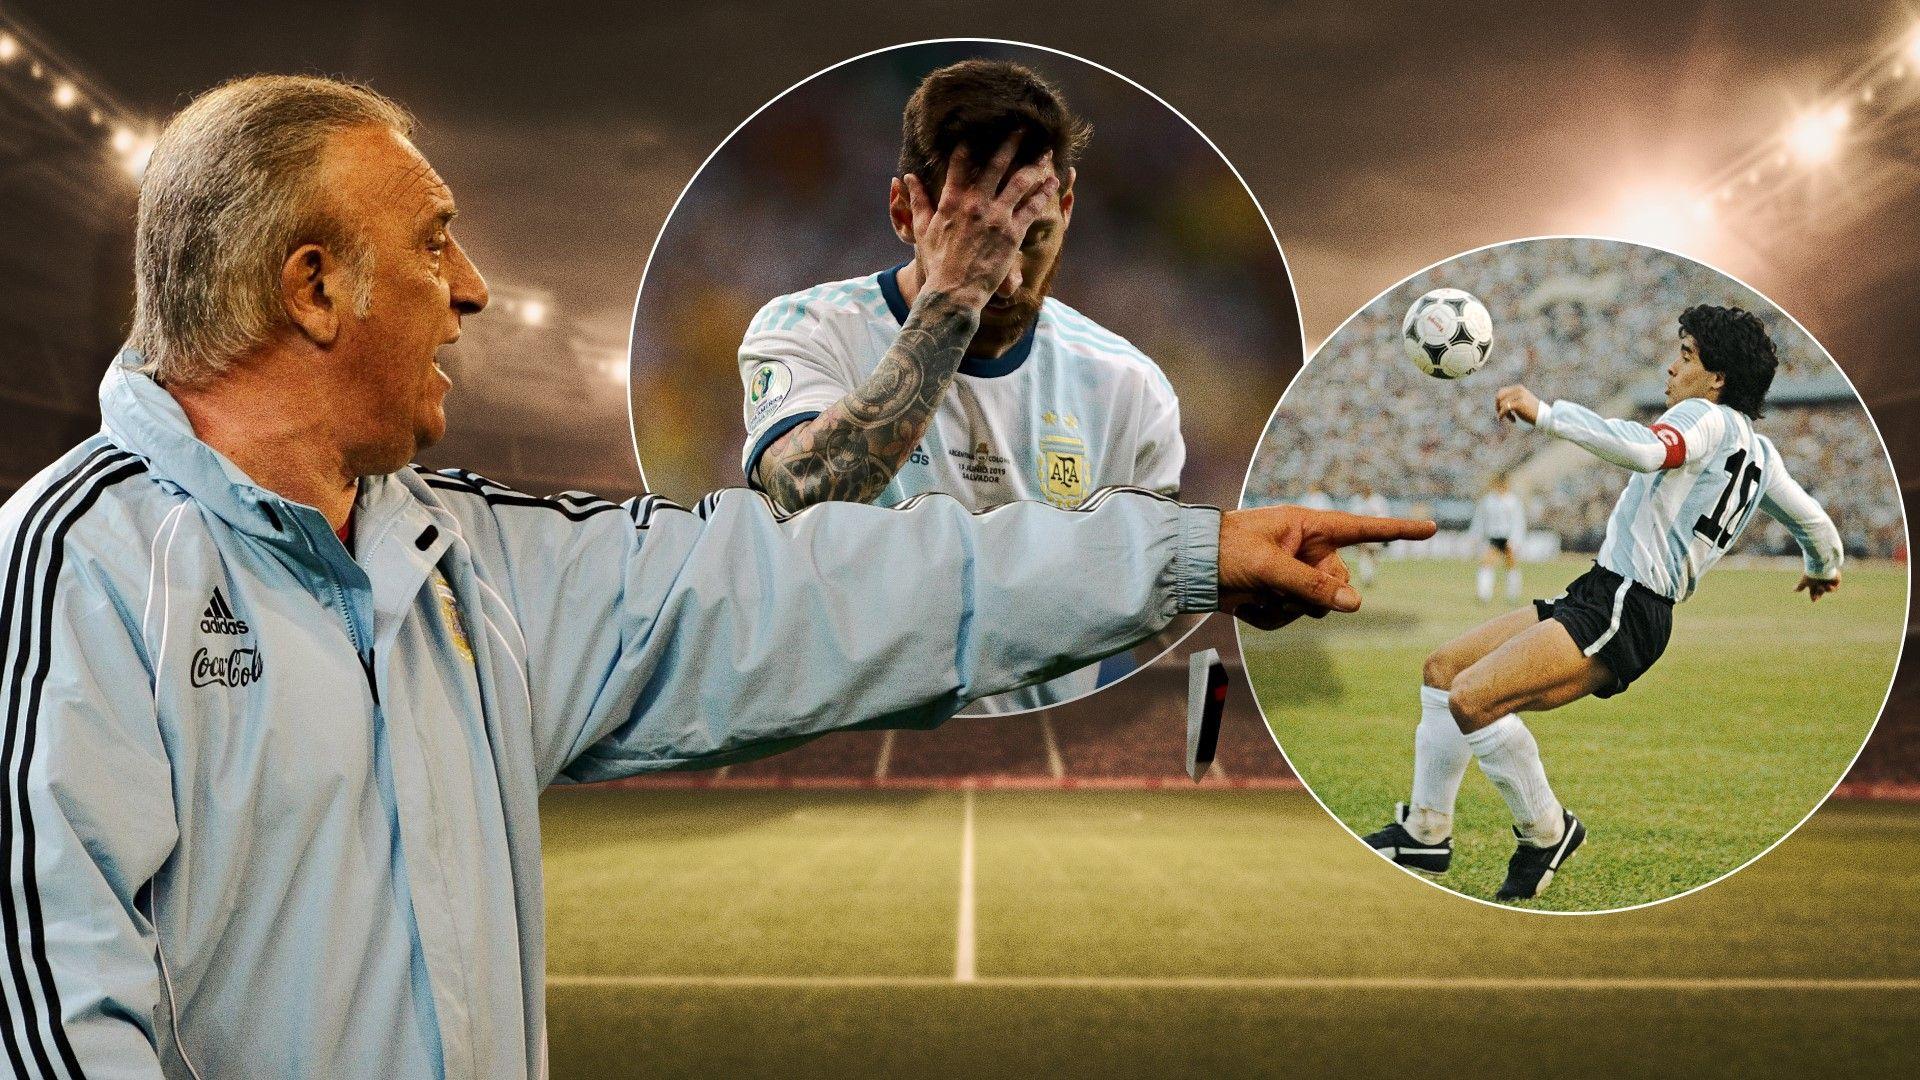 Той изгони папата от стадиона - историята на единствения човек, тренирал Меси и Марадона